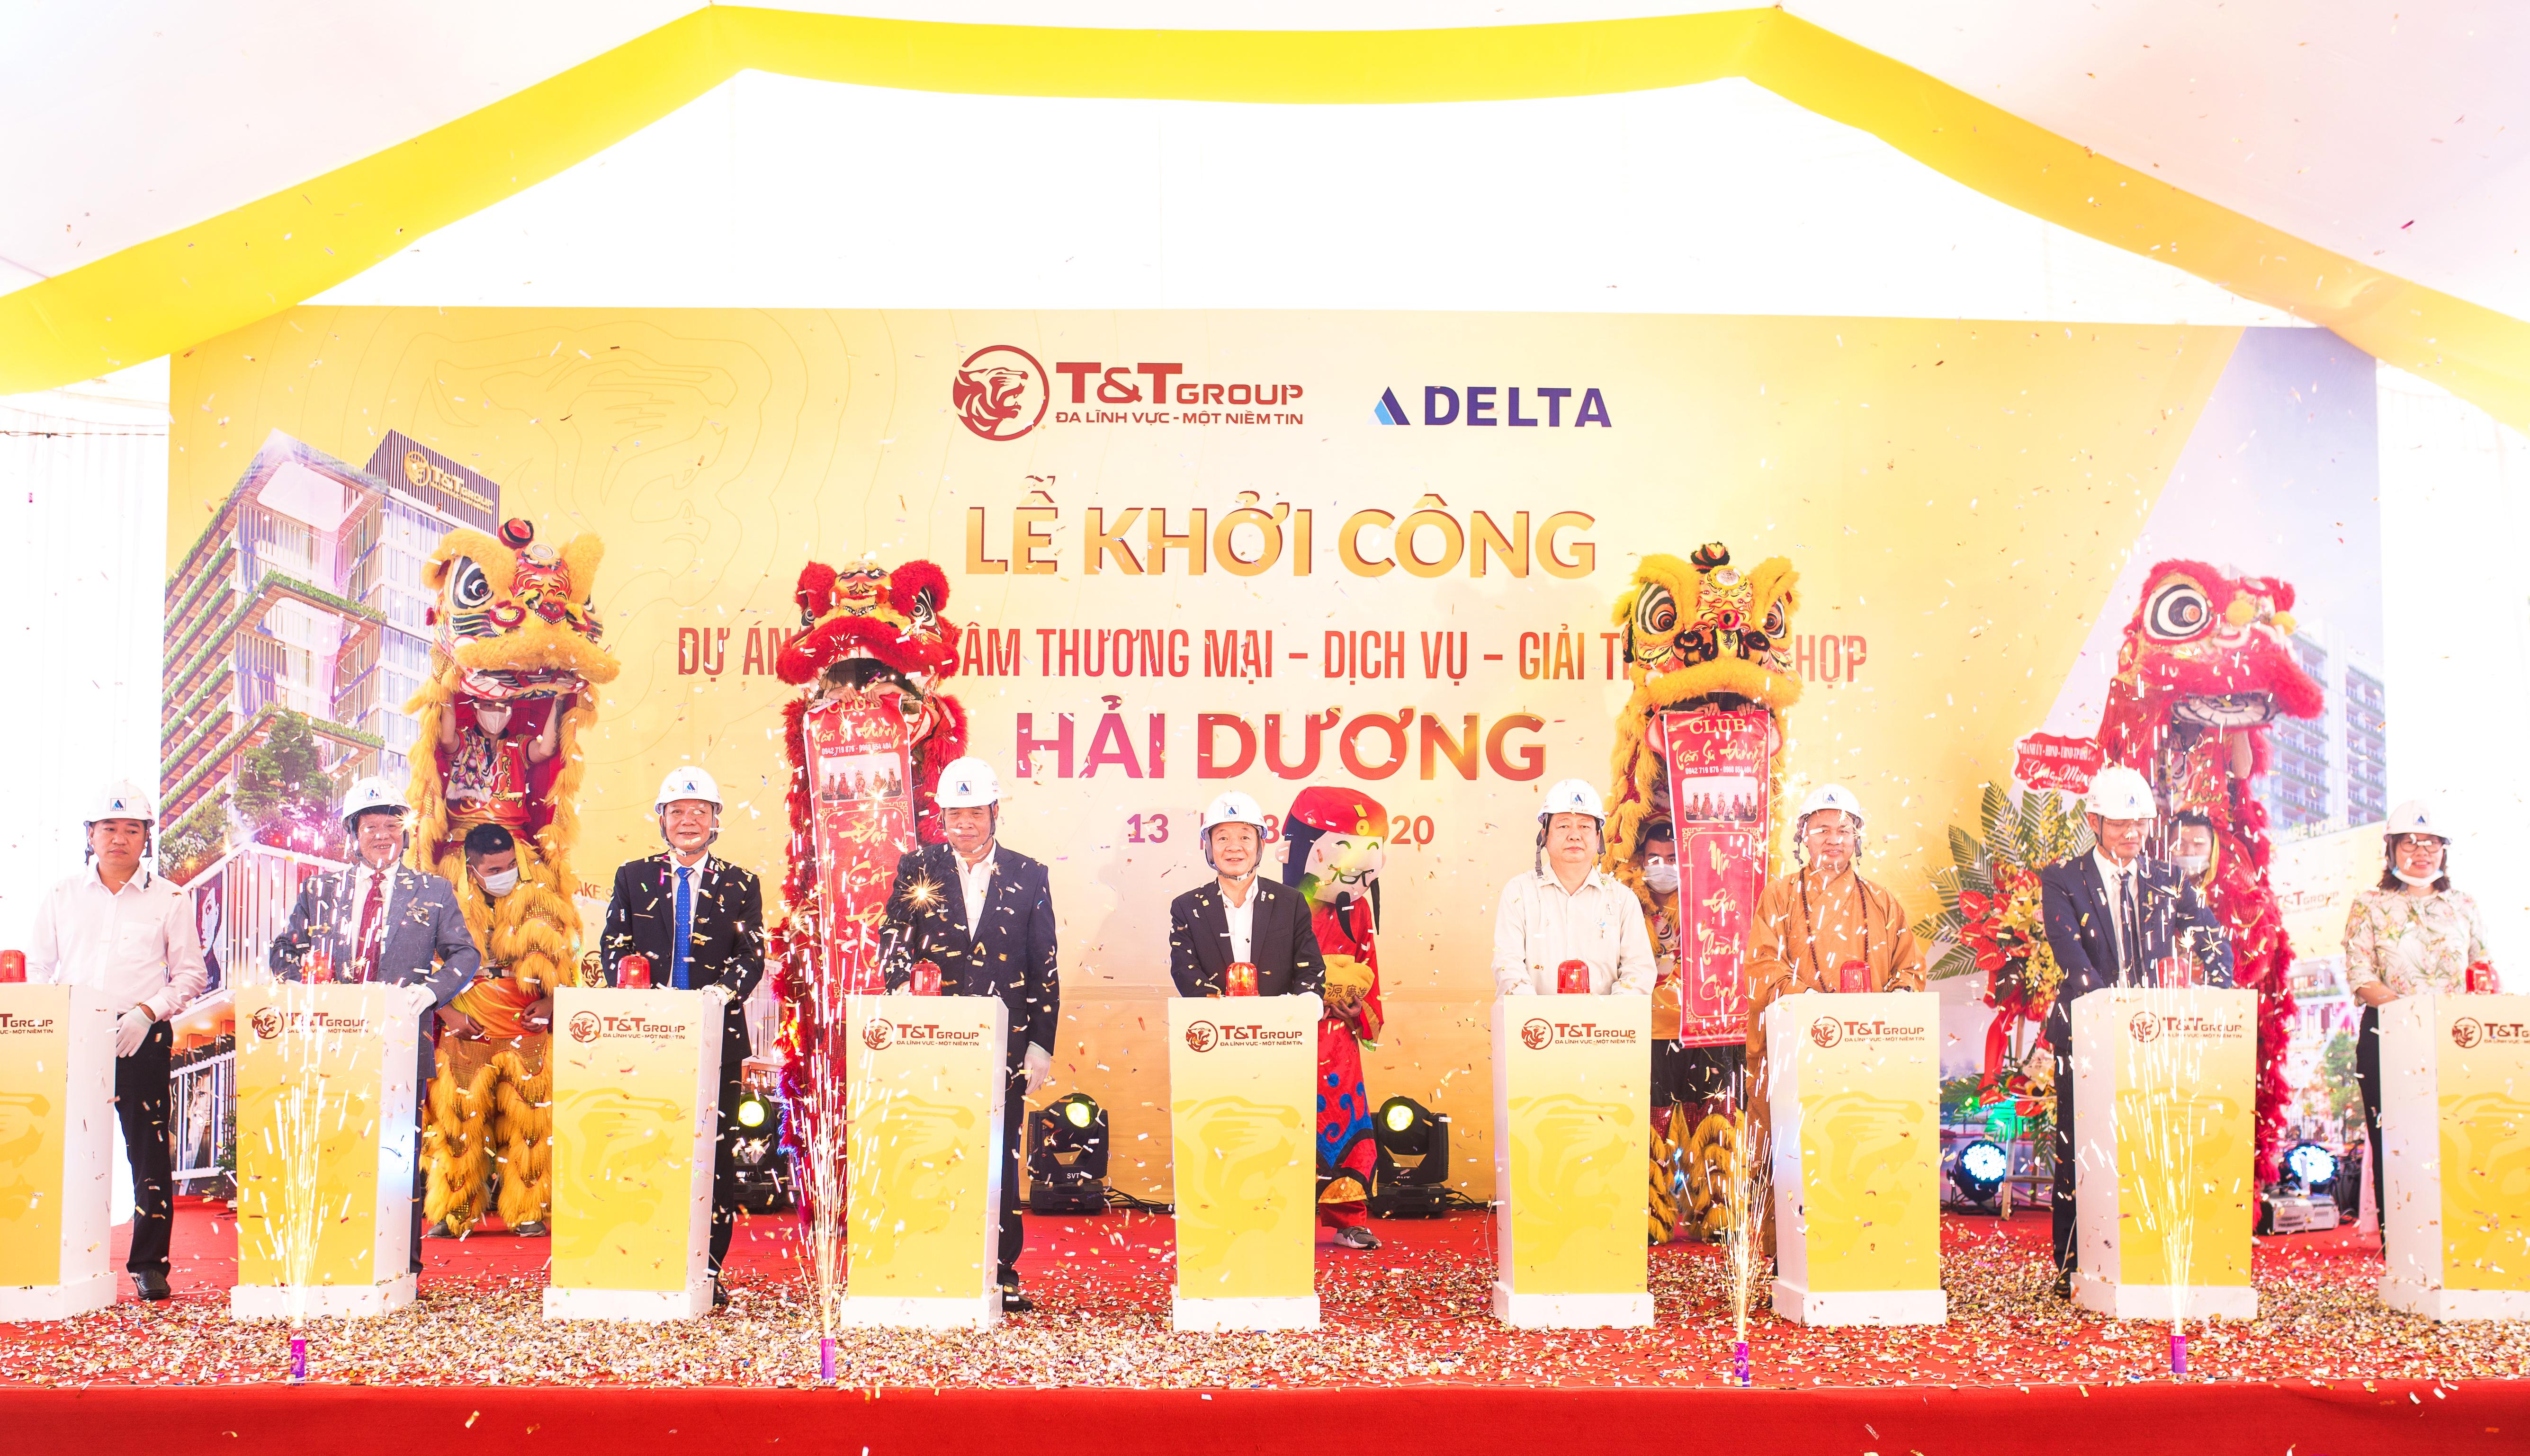 T&T Group khởi công xây dựng TTTM tại trung tâm TP. Hải Dương